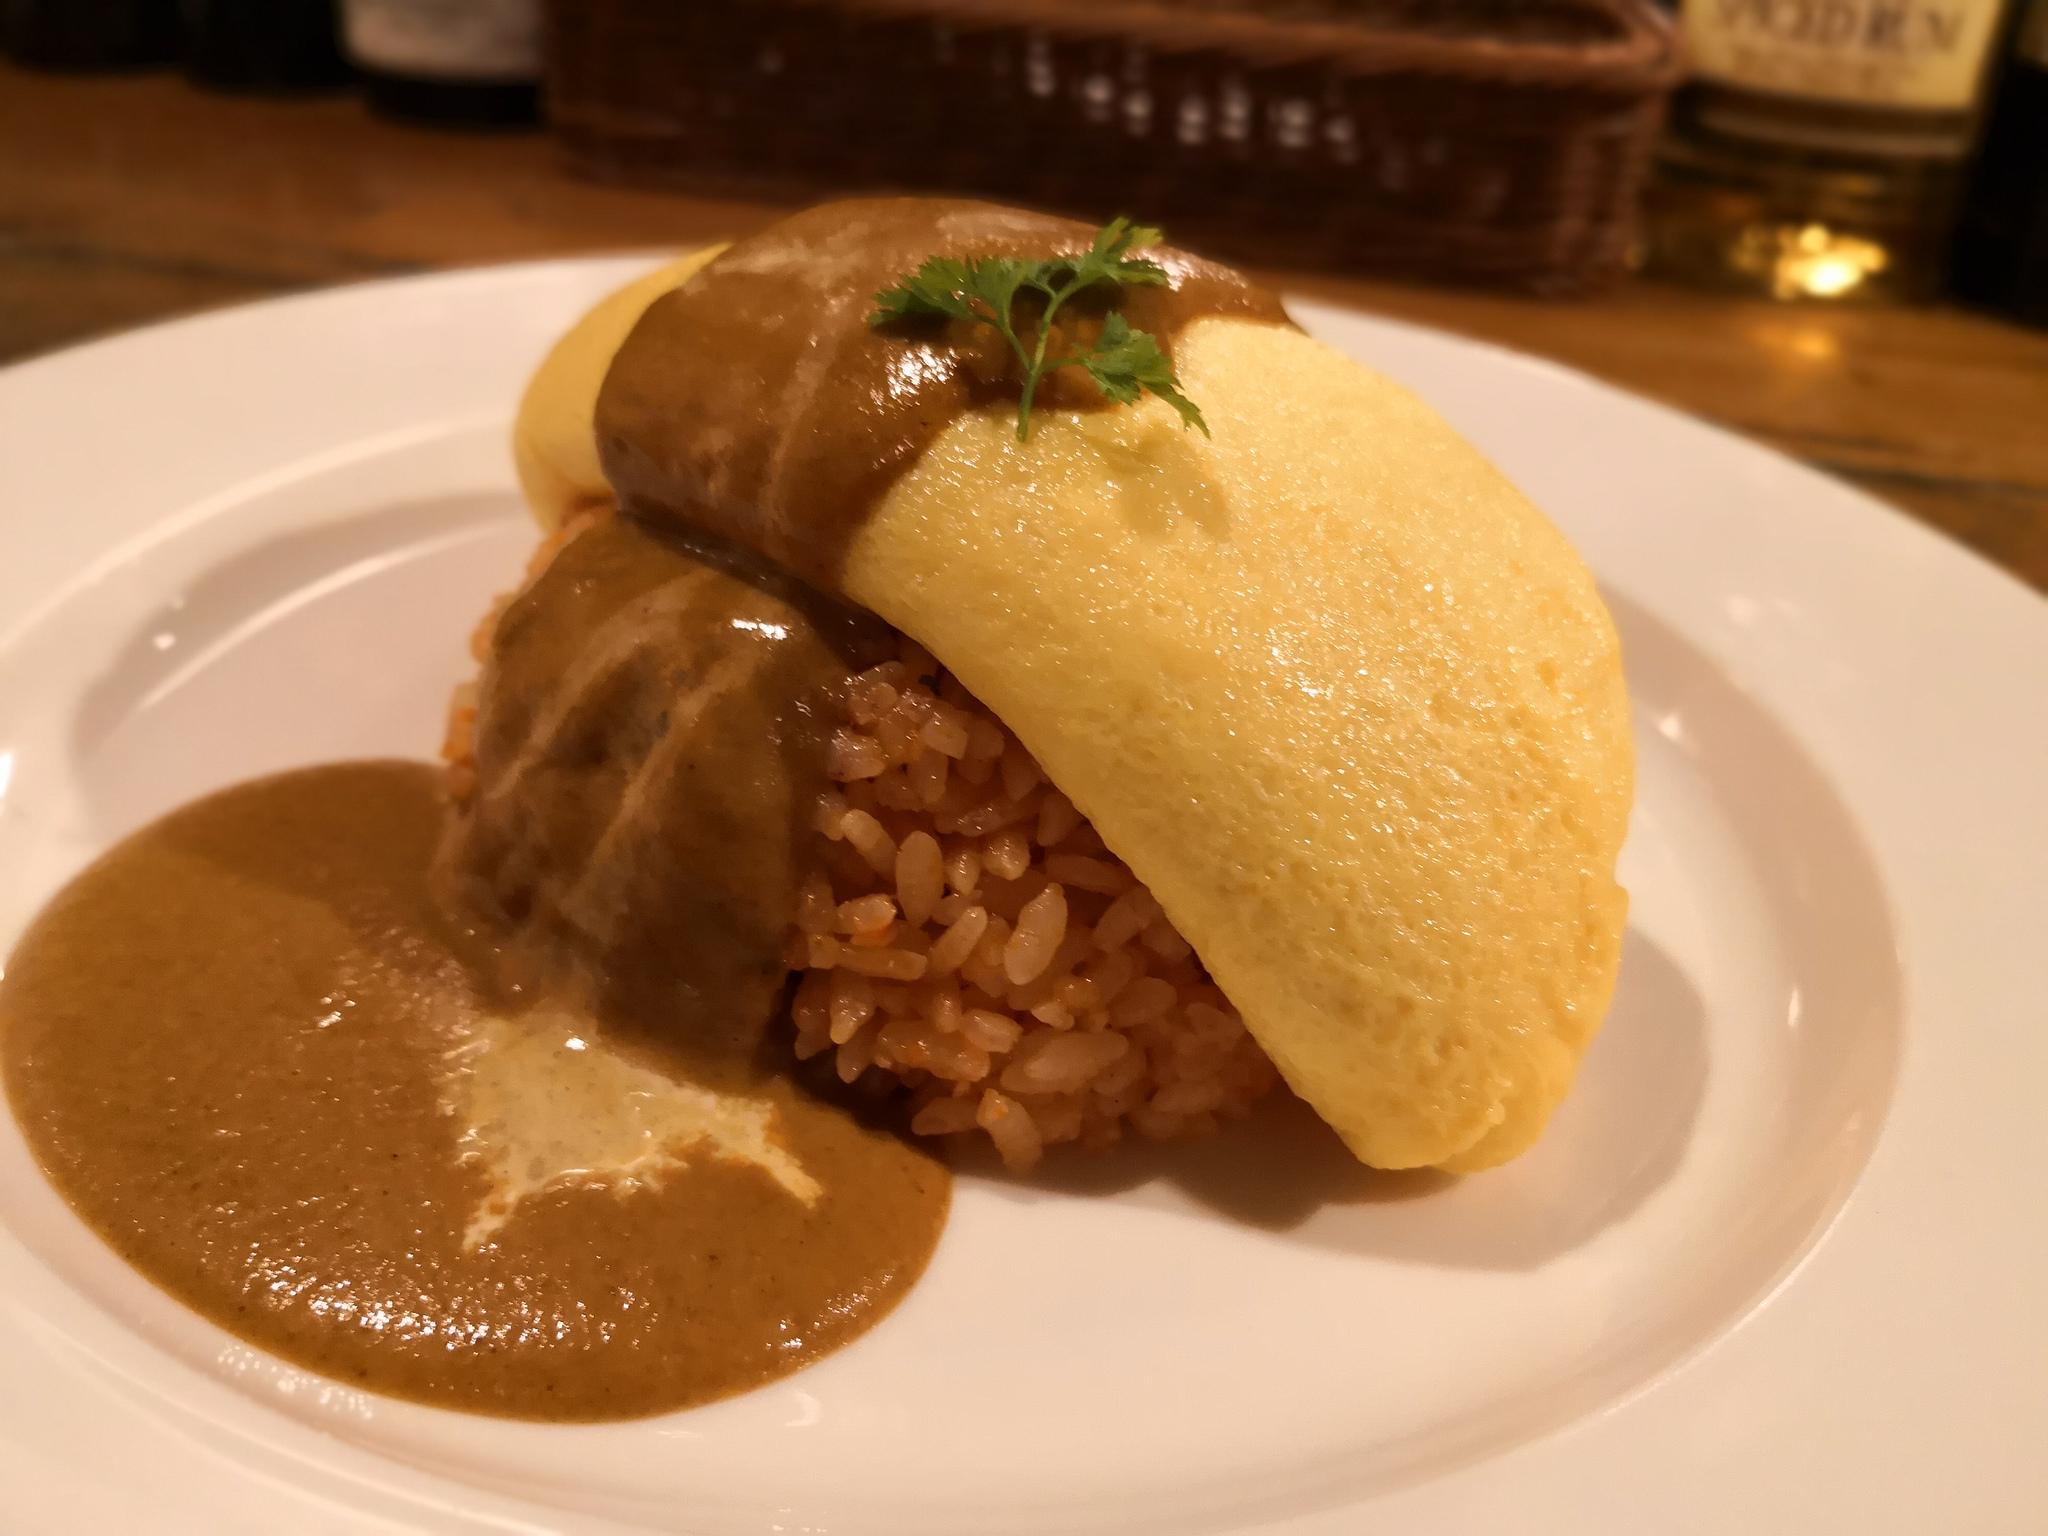 【五反田】エンジェルフェイク レガーメ@3個の卵を使ったふわとろオムライス!優しいお味で食べ疲れなし。